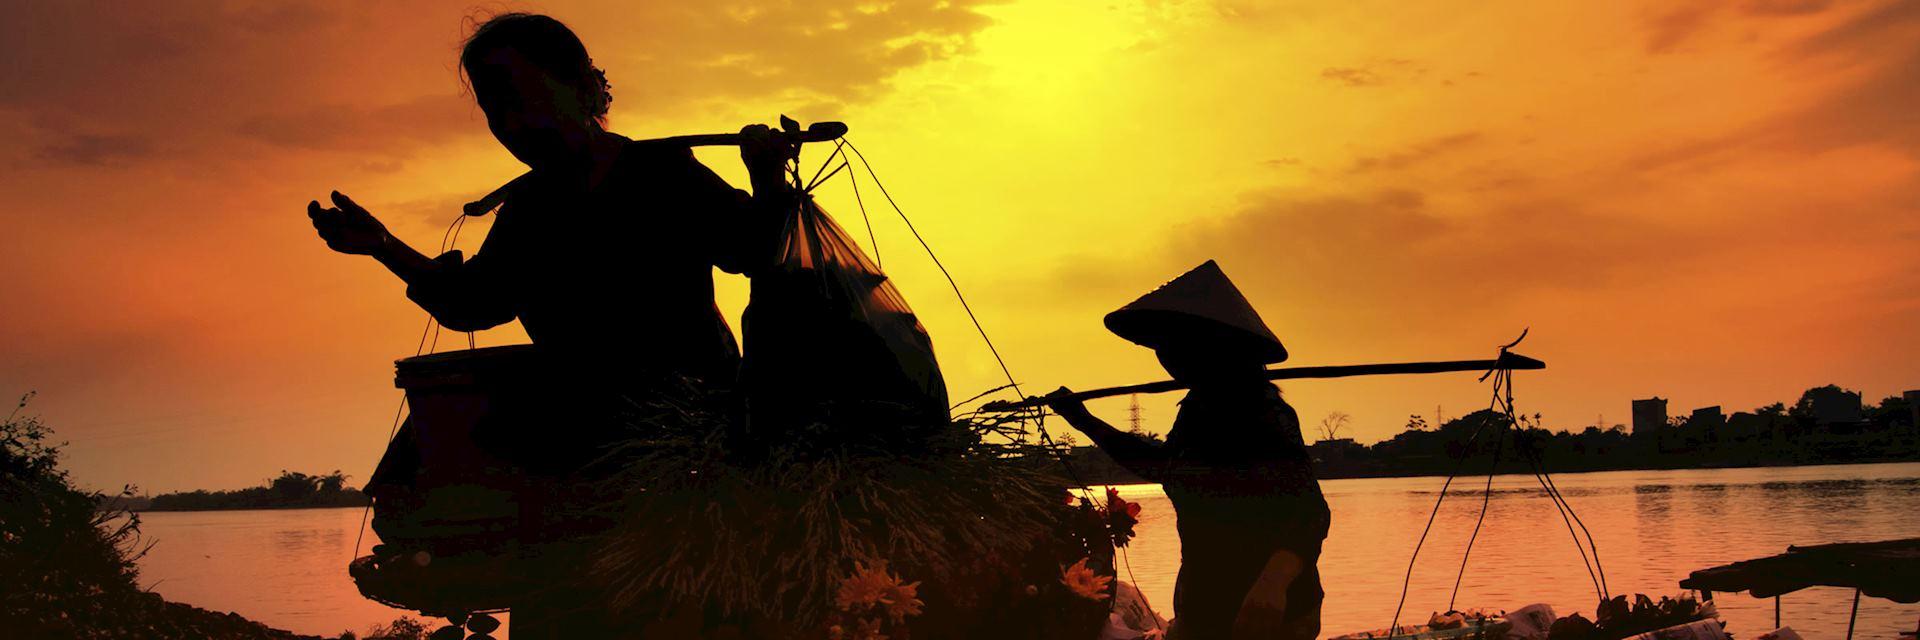 A setting sun over Hoi An